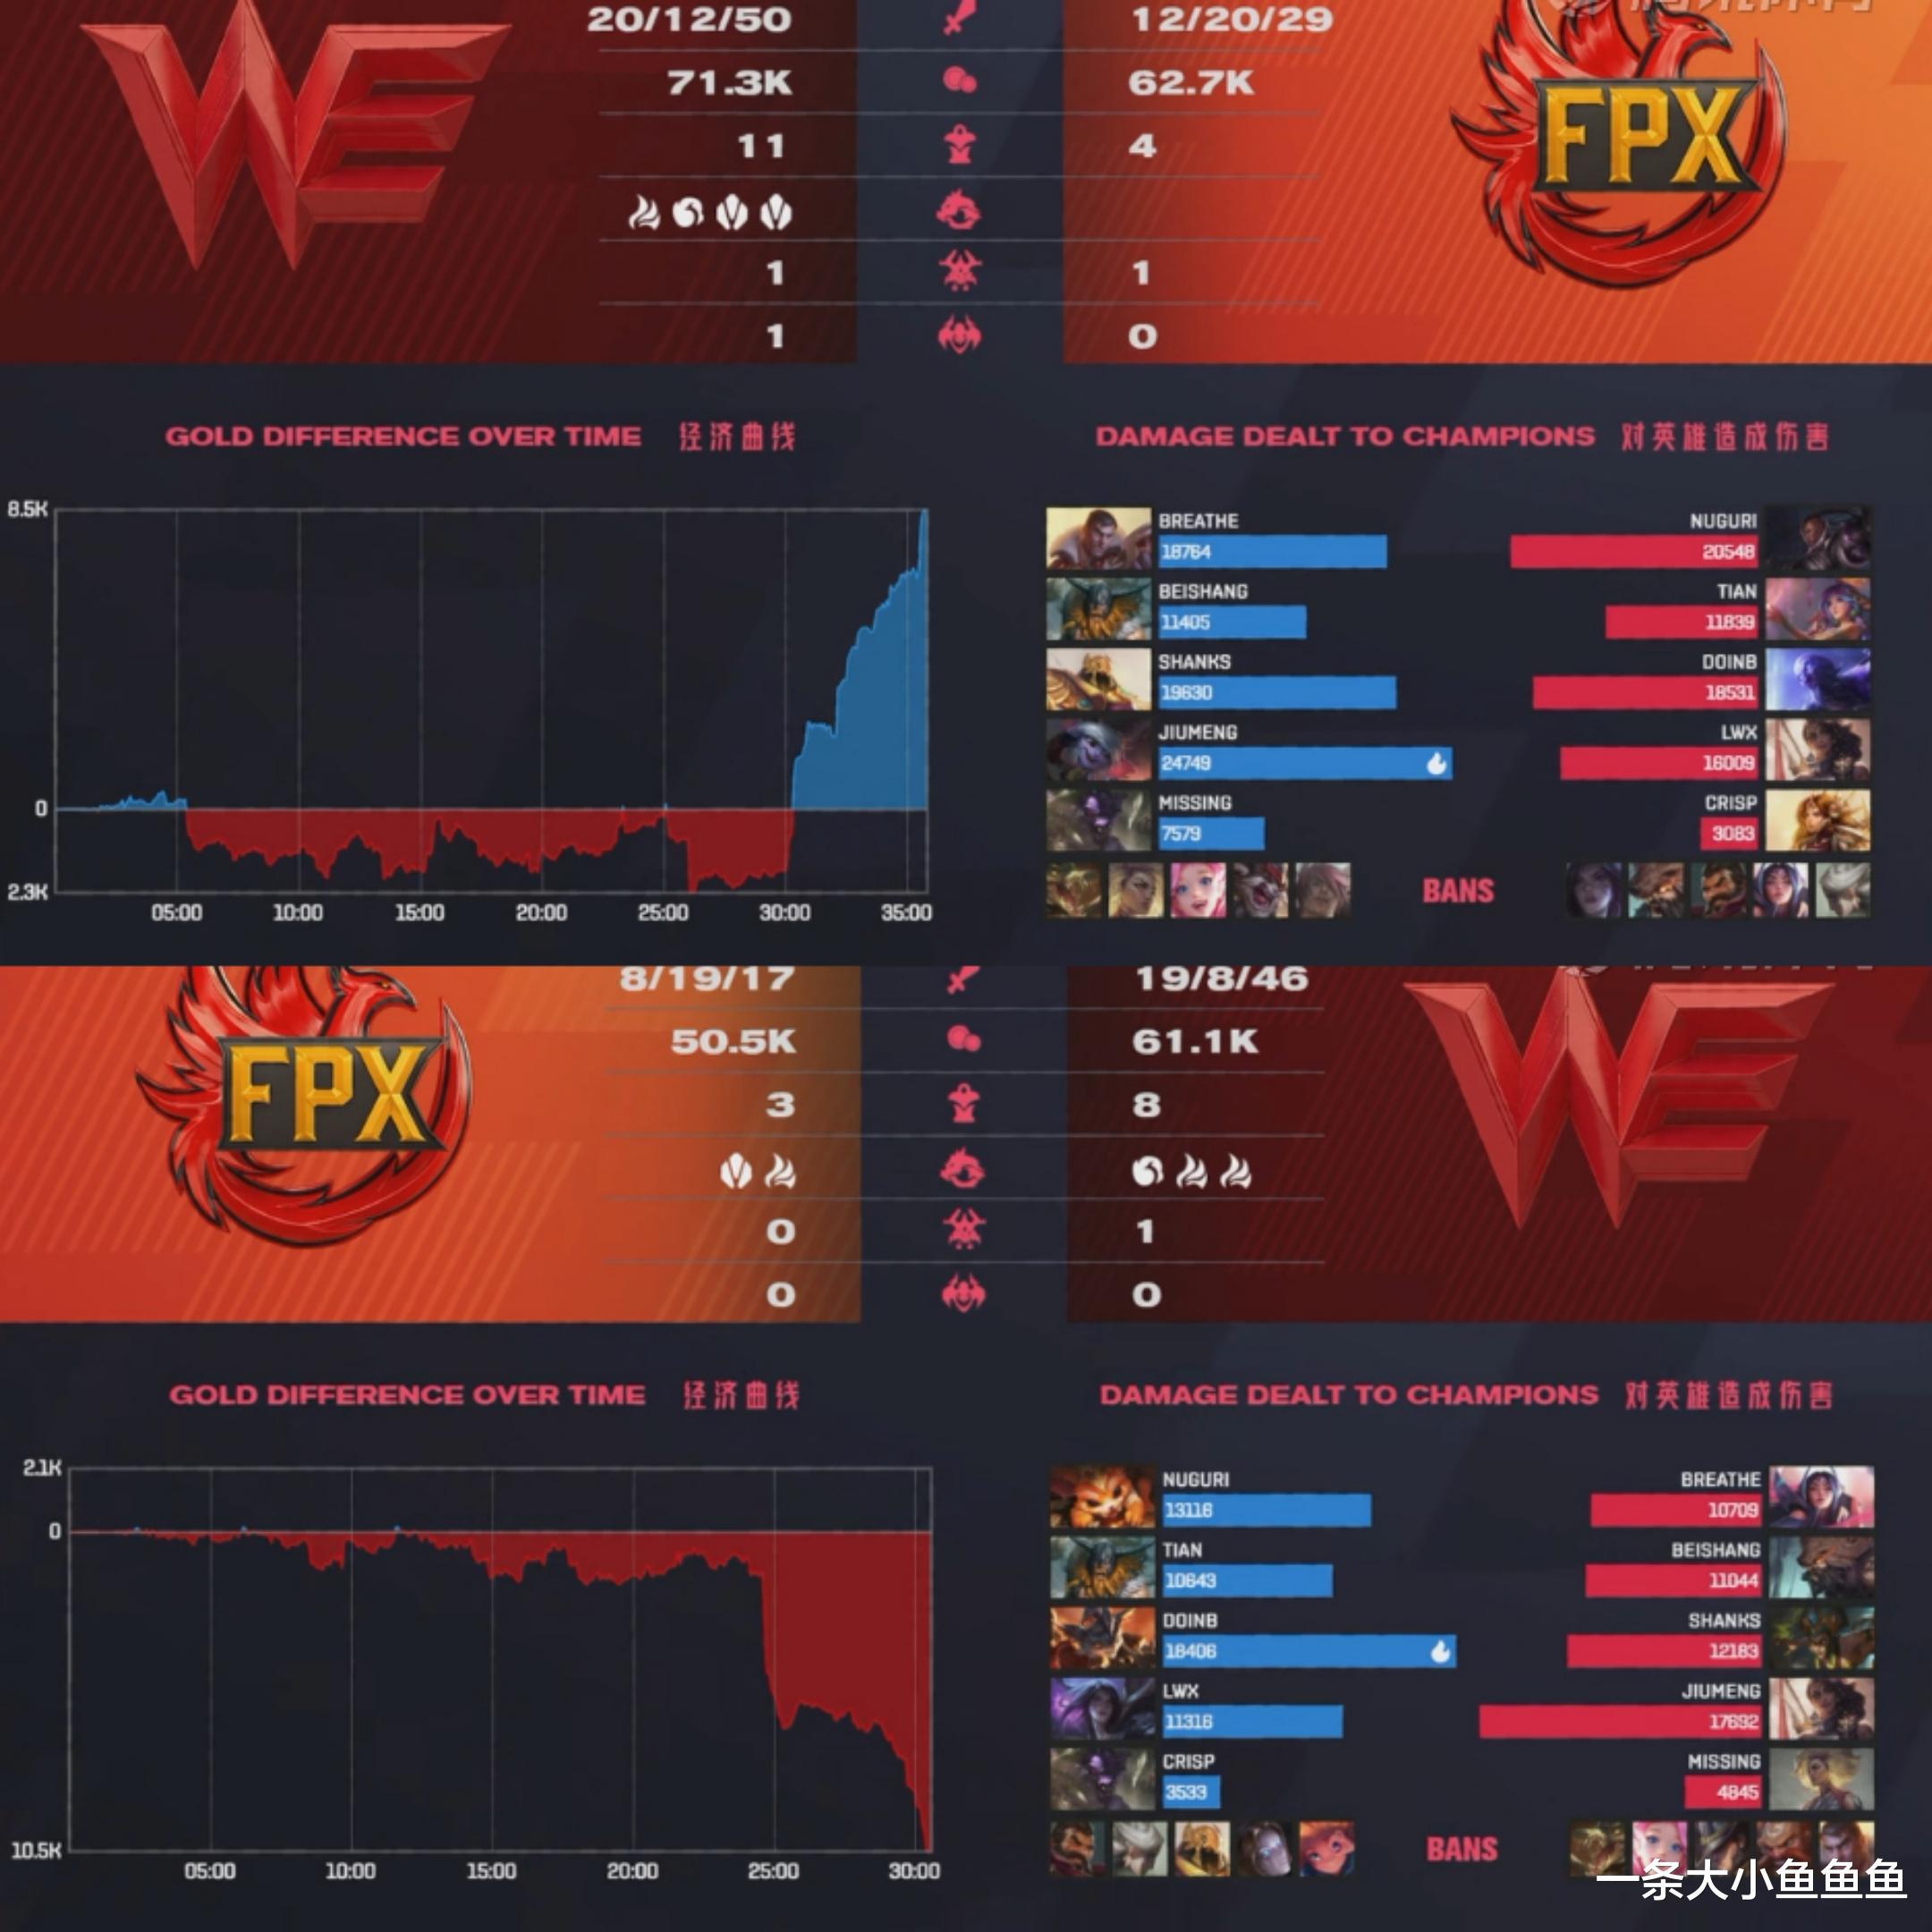 英雄联盟:FPX对战WE惜败,Doinb拿出绝活英雄也未能挽救局面